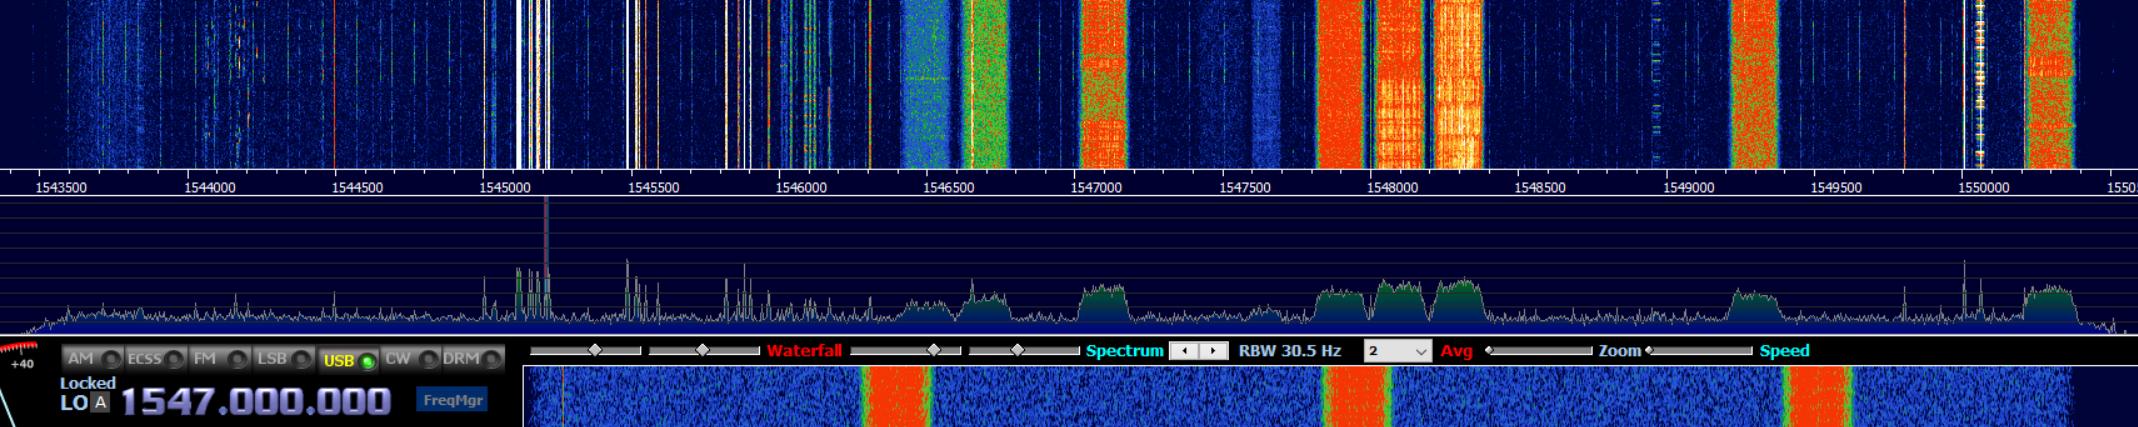 Inmarsat: принимаем и декодируем сигнал со спутника у себя дома - 4